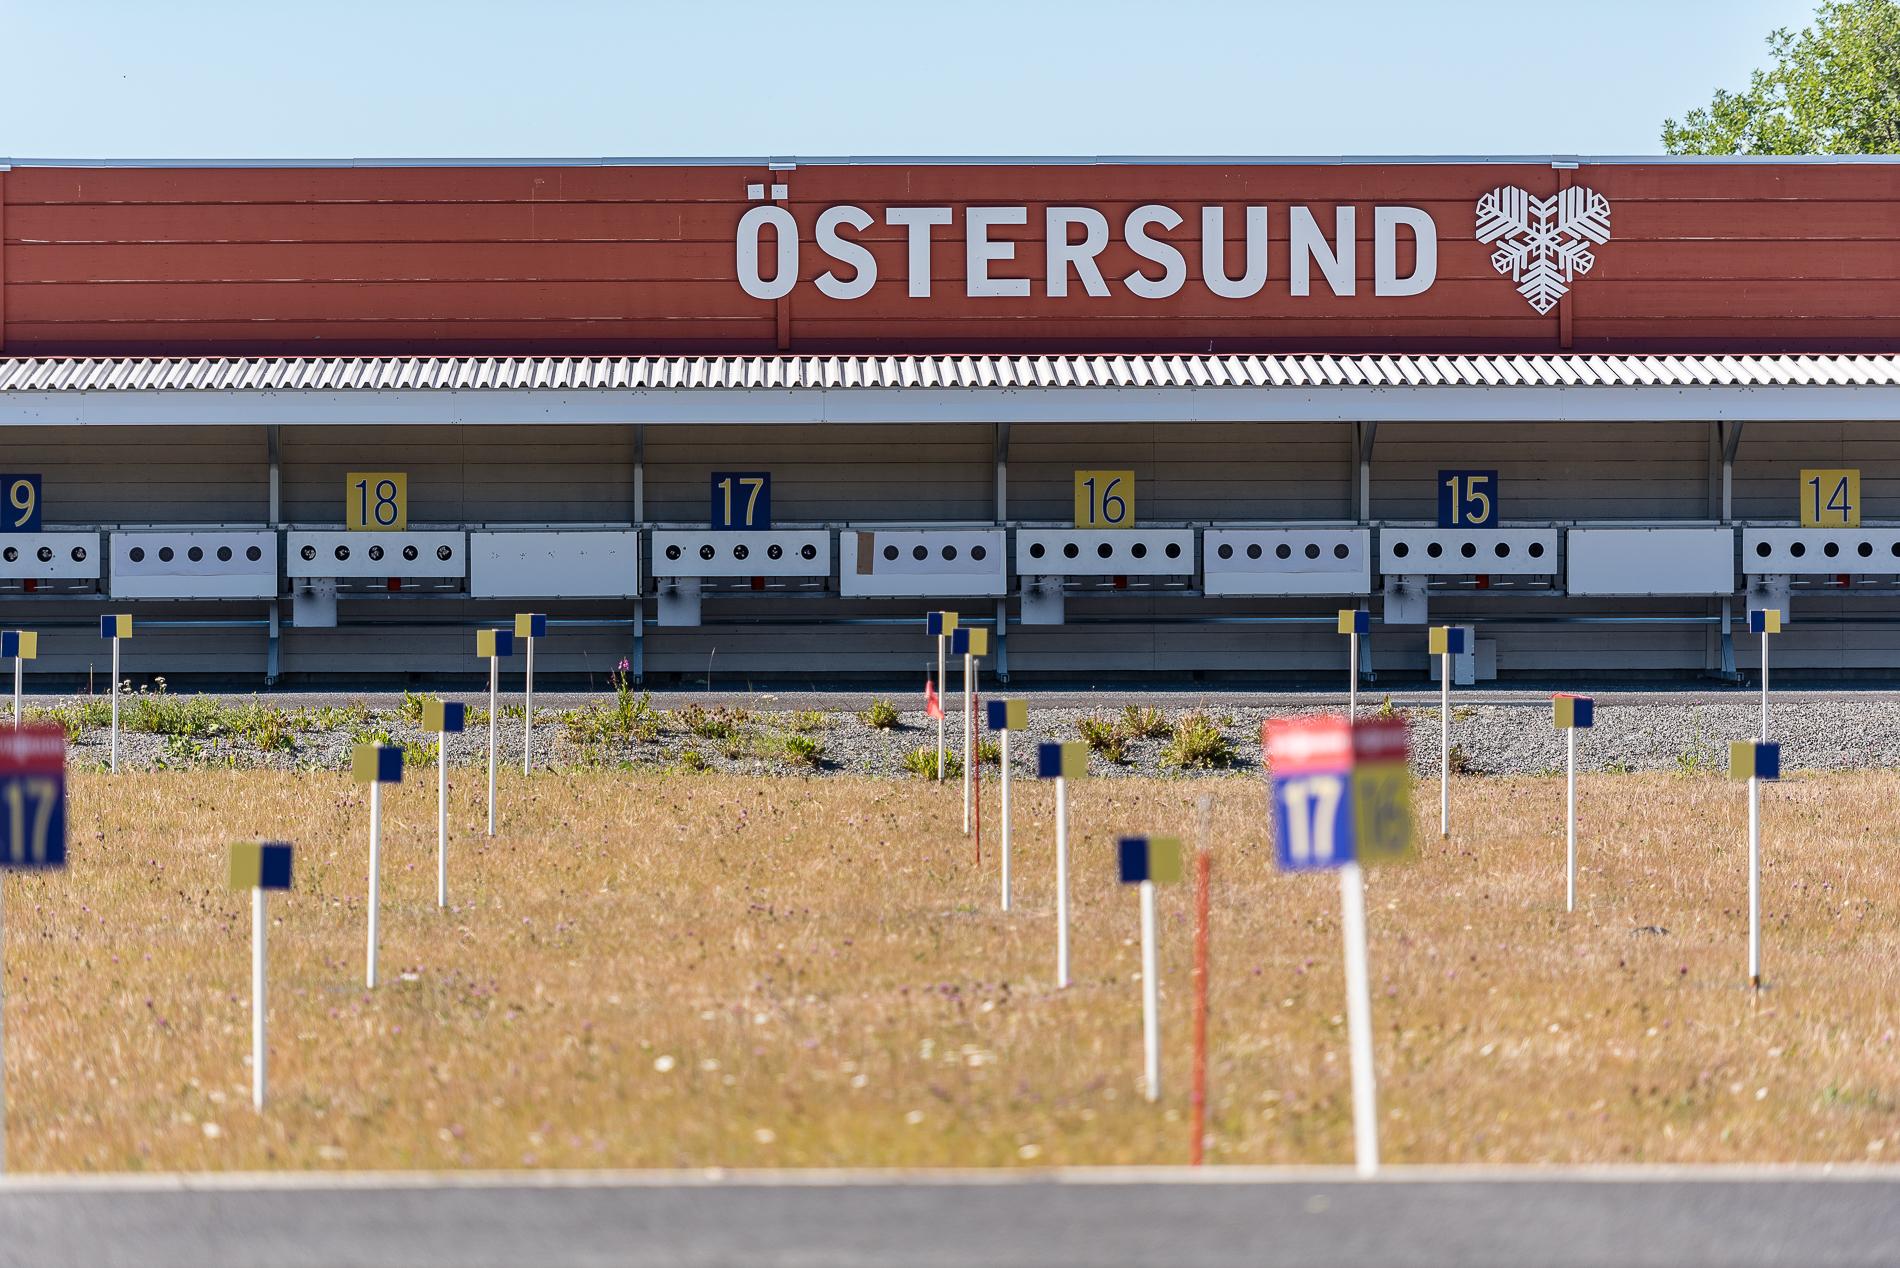 Östersund, Biathlon Stadium, Sweden